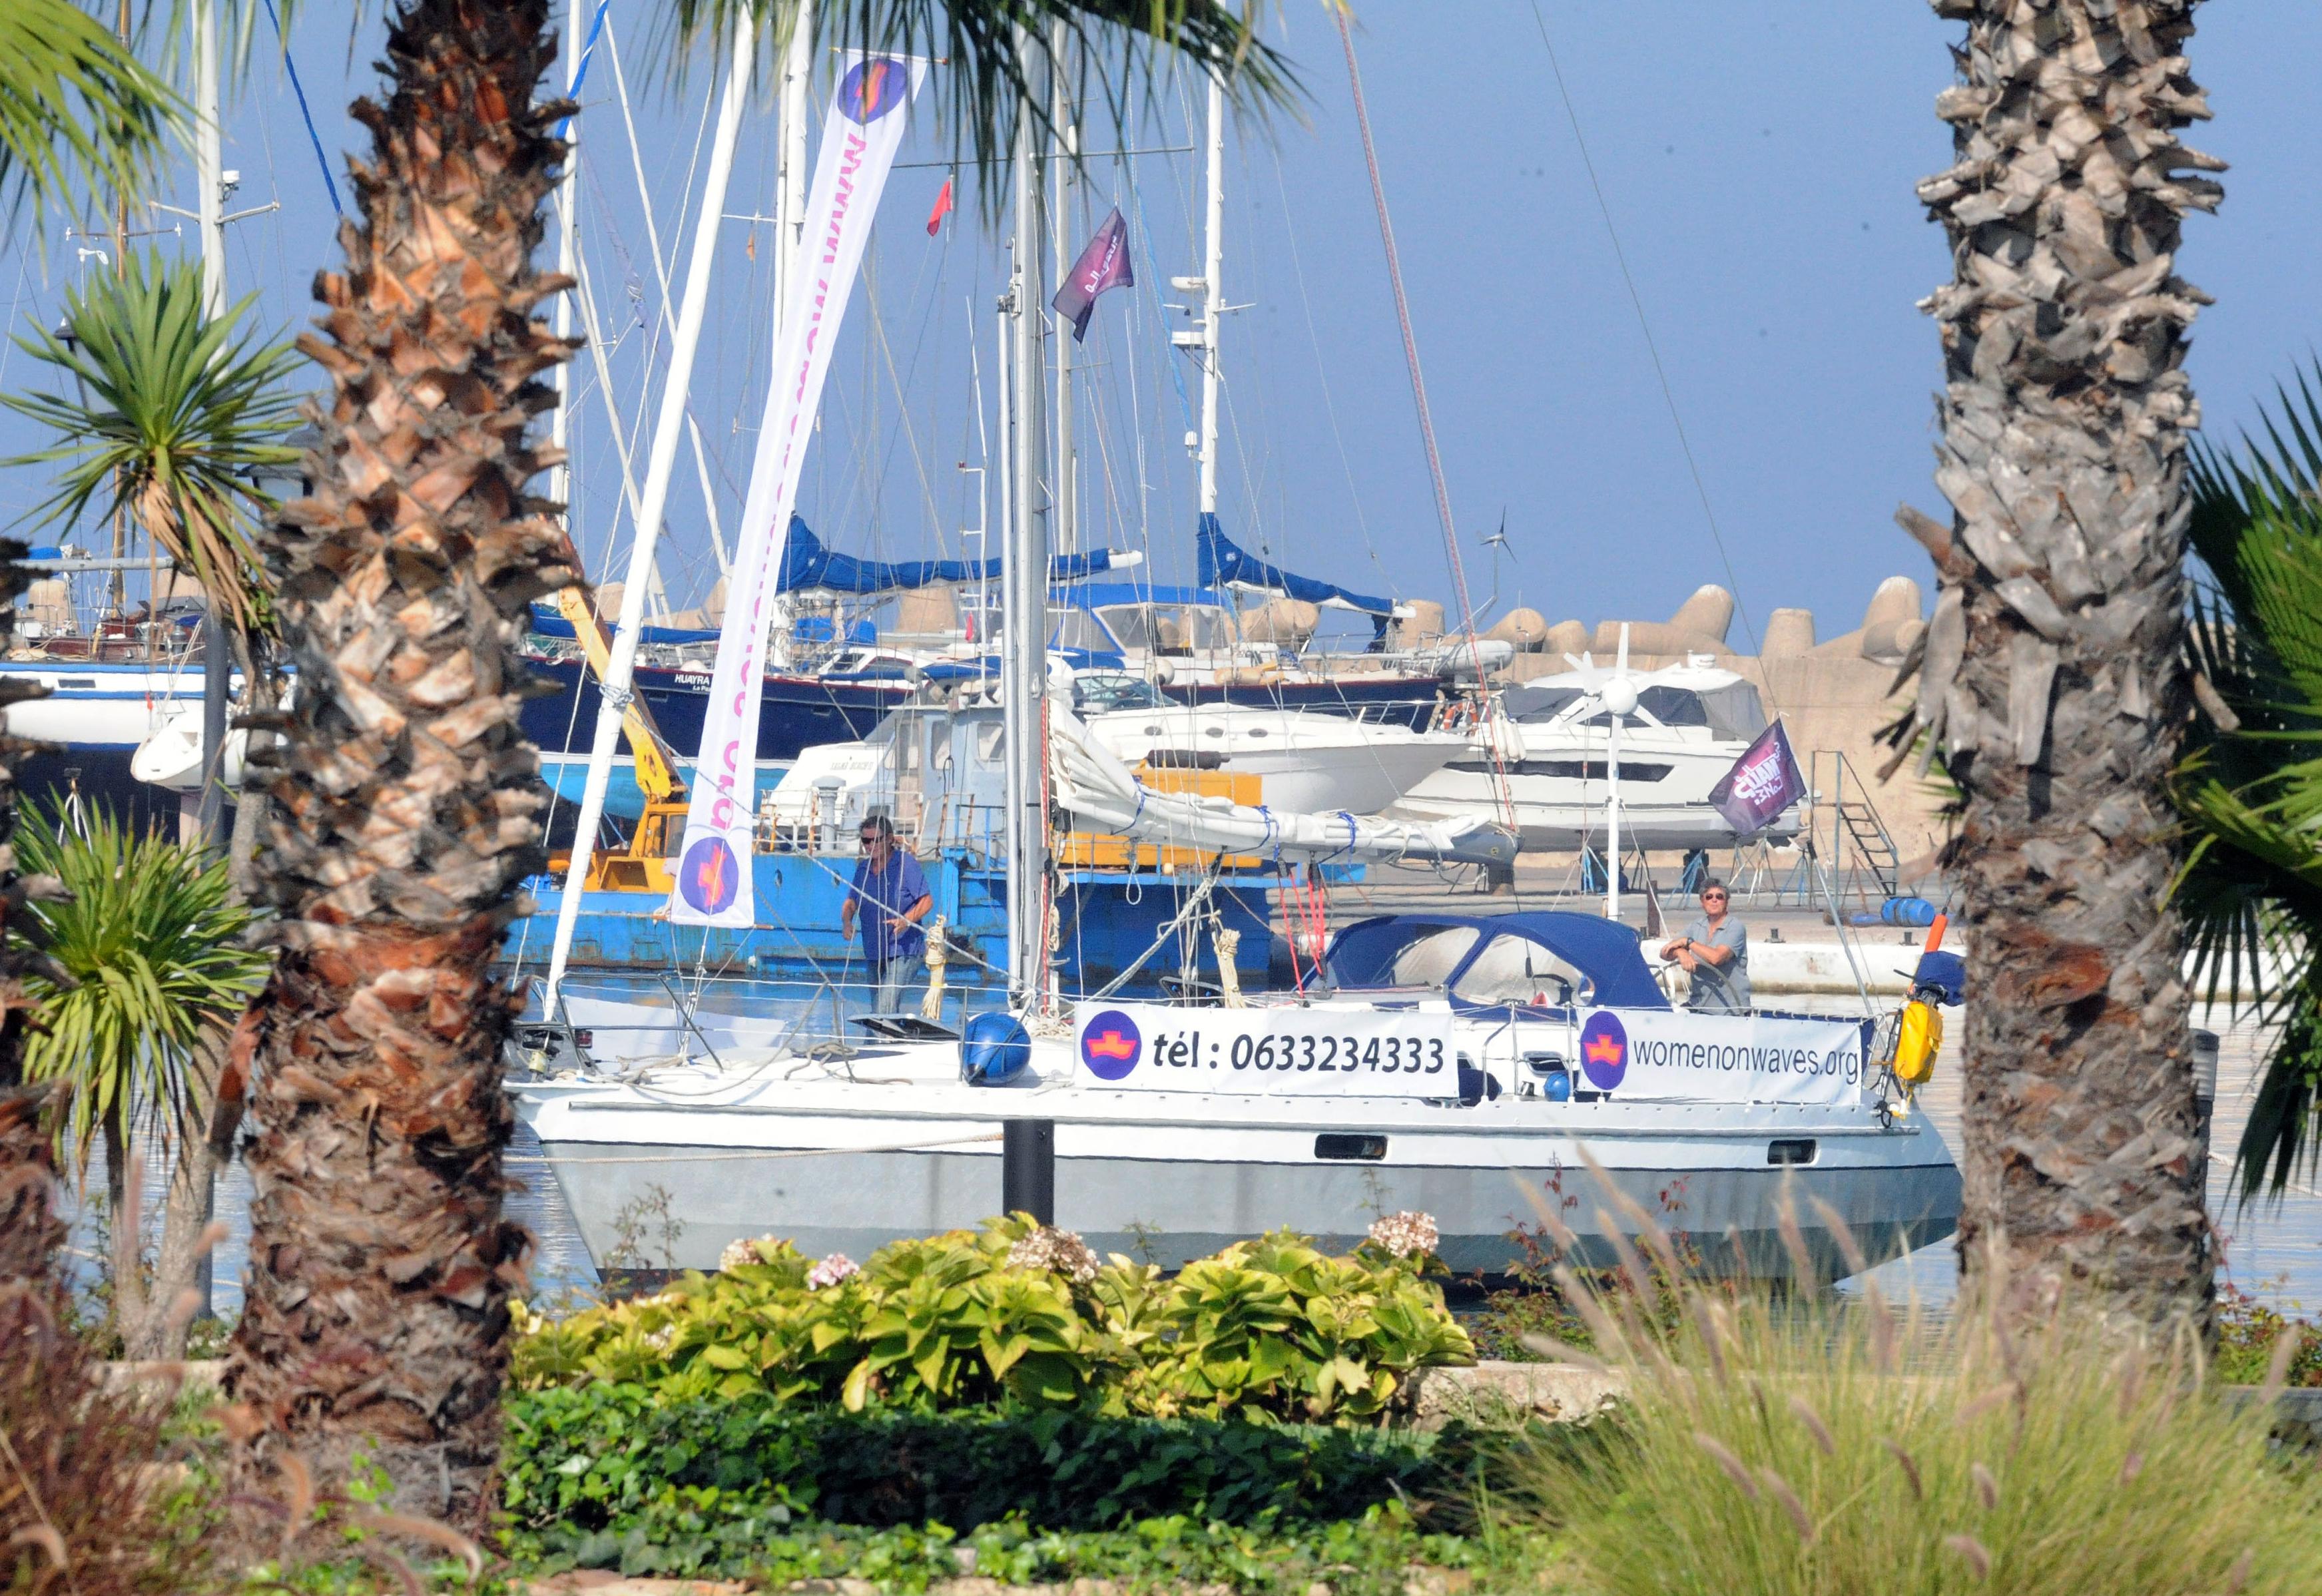 السفينة الهولندية في ميناء مارينا سمير المغربي خلال زيارتها للمملكة